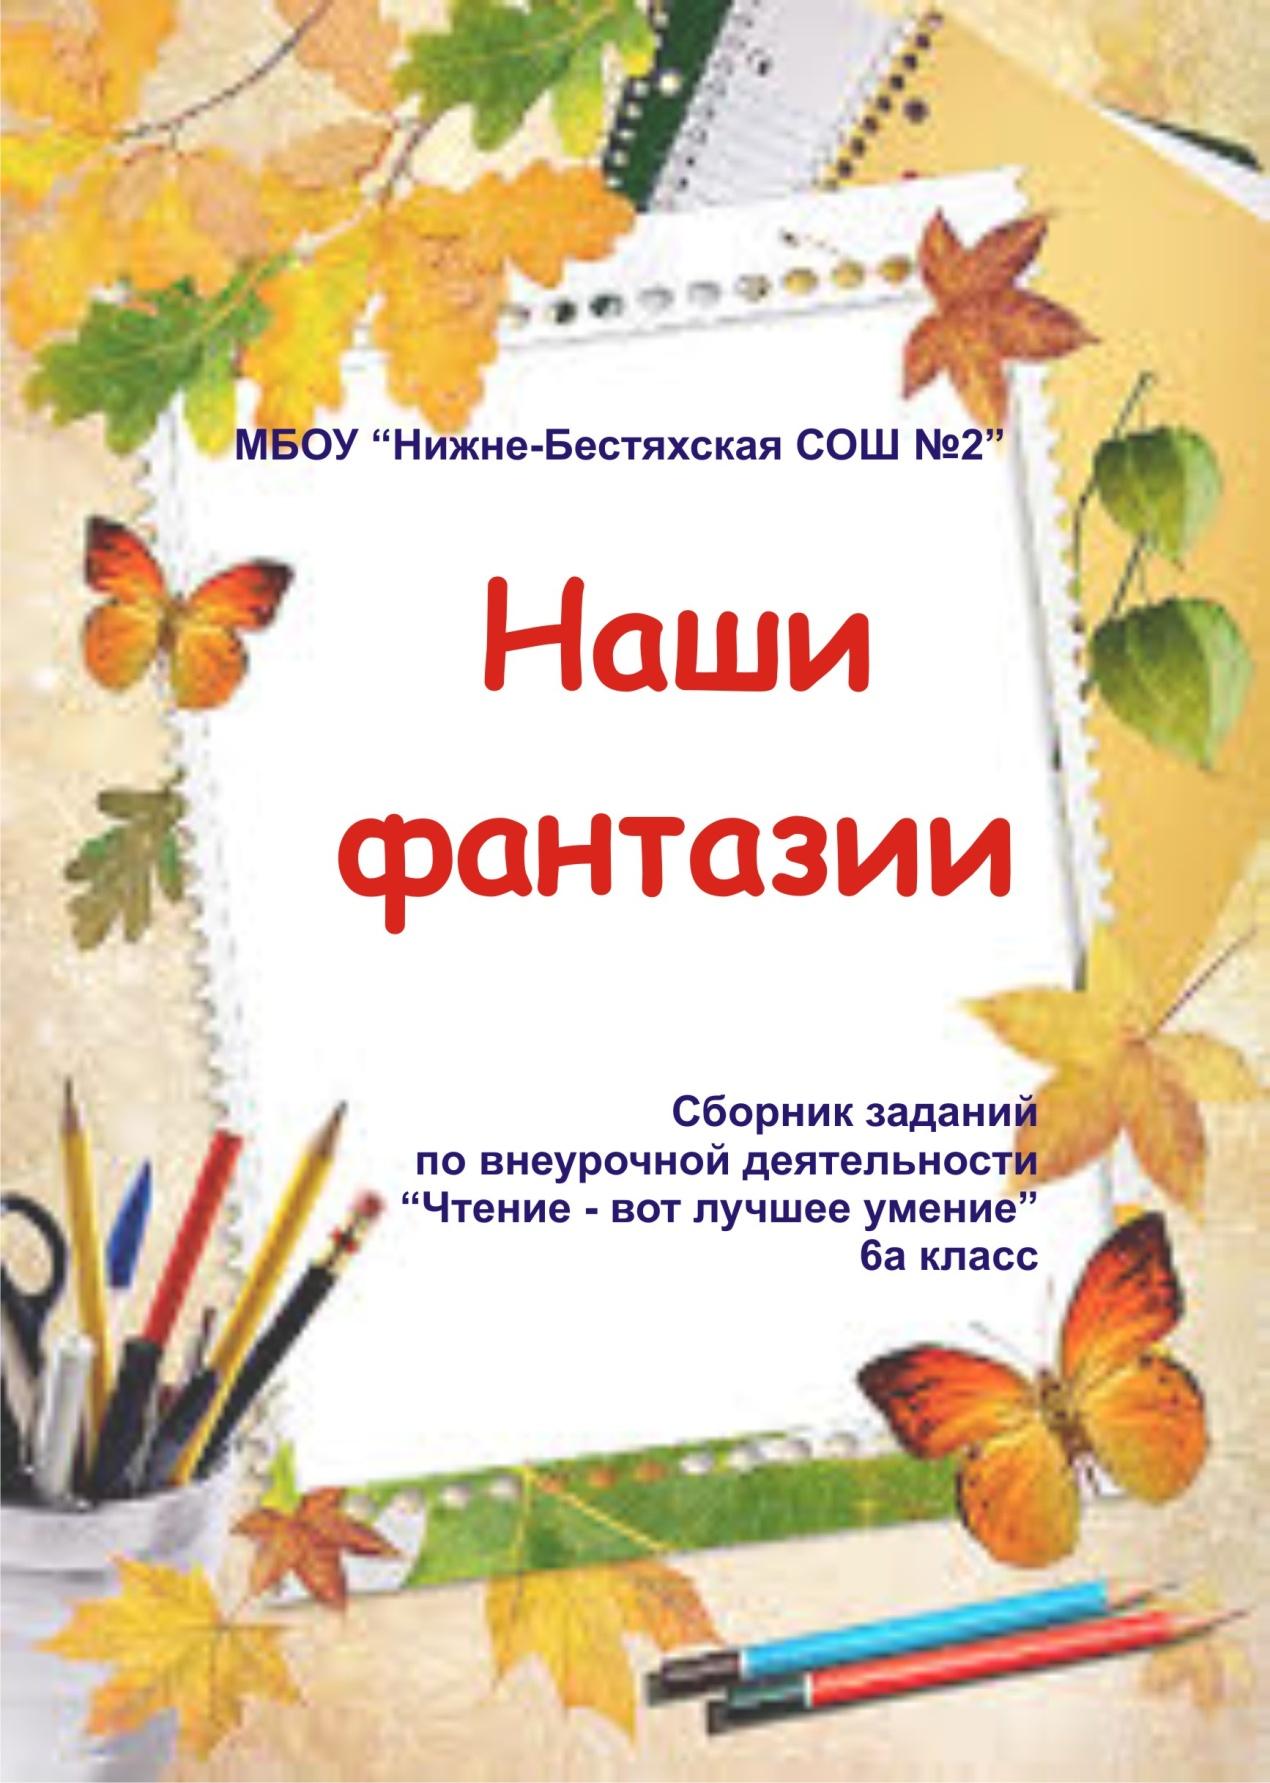 Z:\0-YЧИТЕЛЯ\Максимова О.О\Книги 6а кл\обложка 6а ШИра.jpg